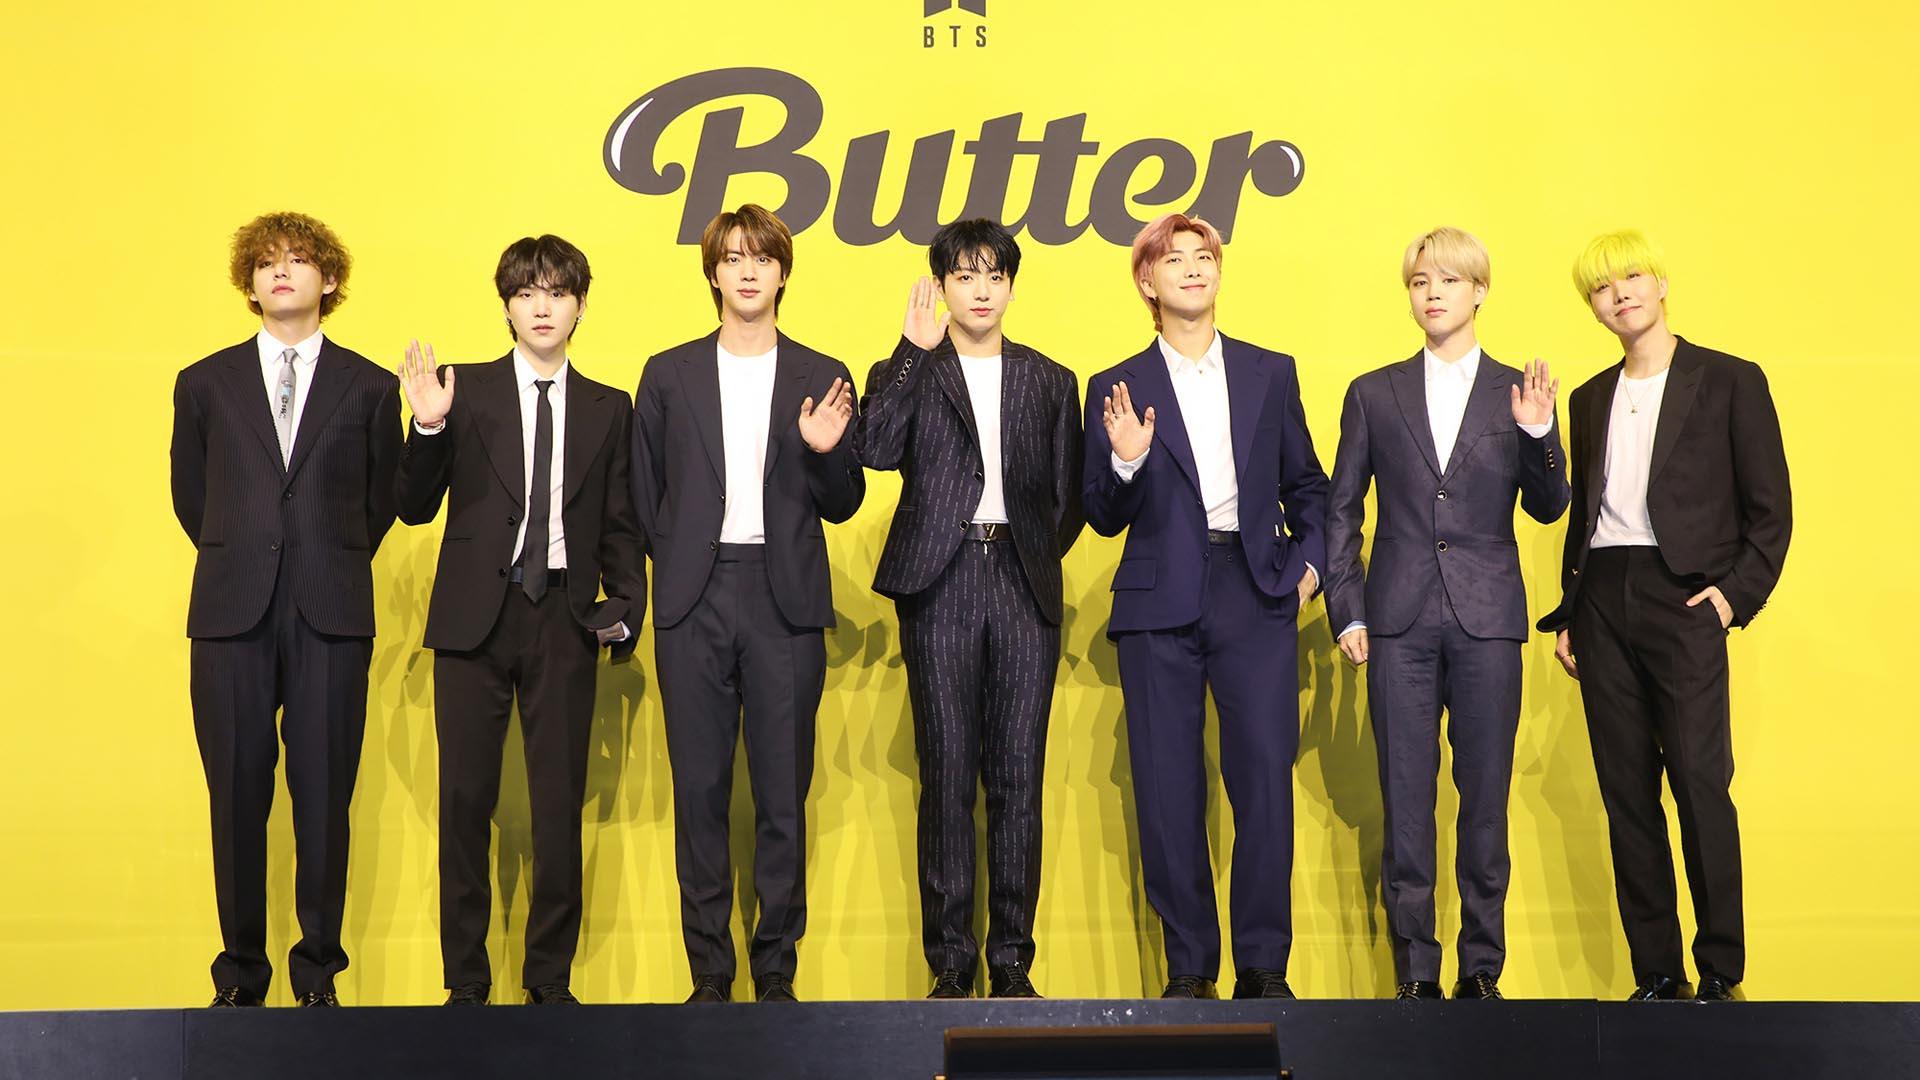 BTS '버터' 장기 흥행…빌보드 싱글 14위